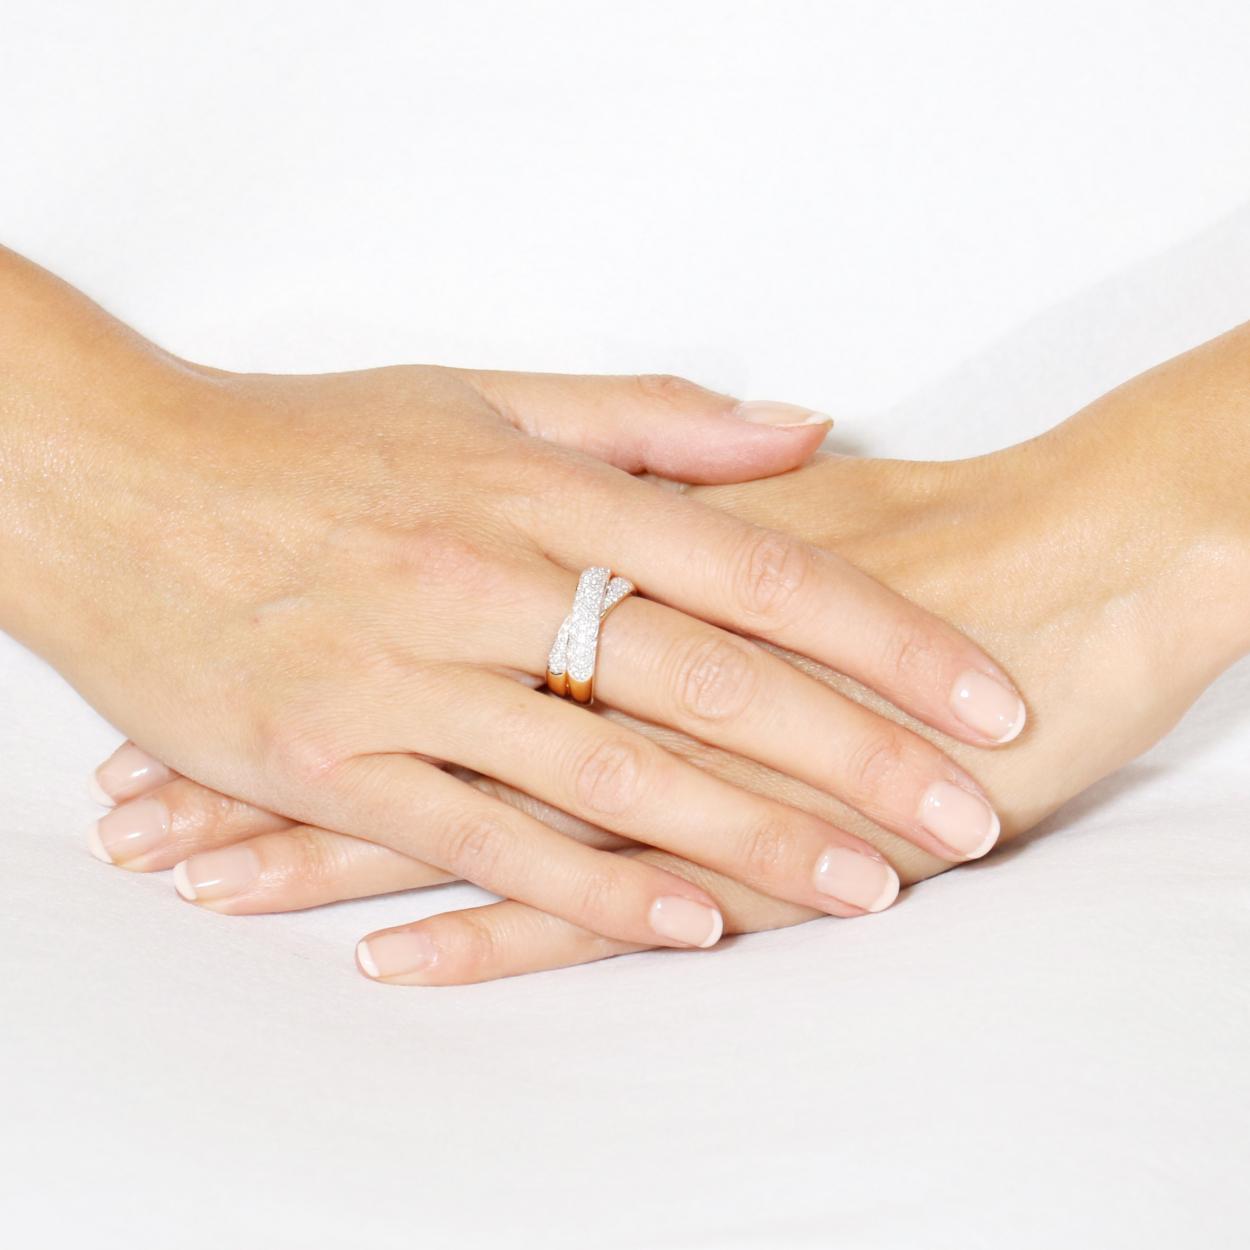 Extrêmement Bague Anneaux Entrelacés Or Jaune 750 Diamant 0.75 carat Ref. 39773 EK54